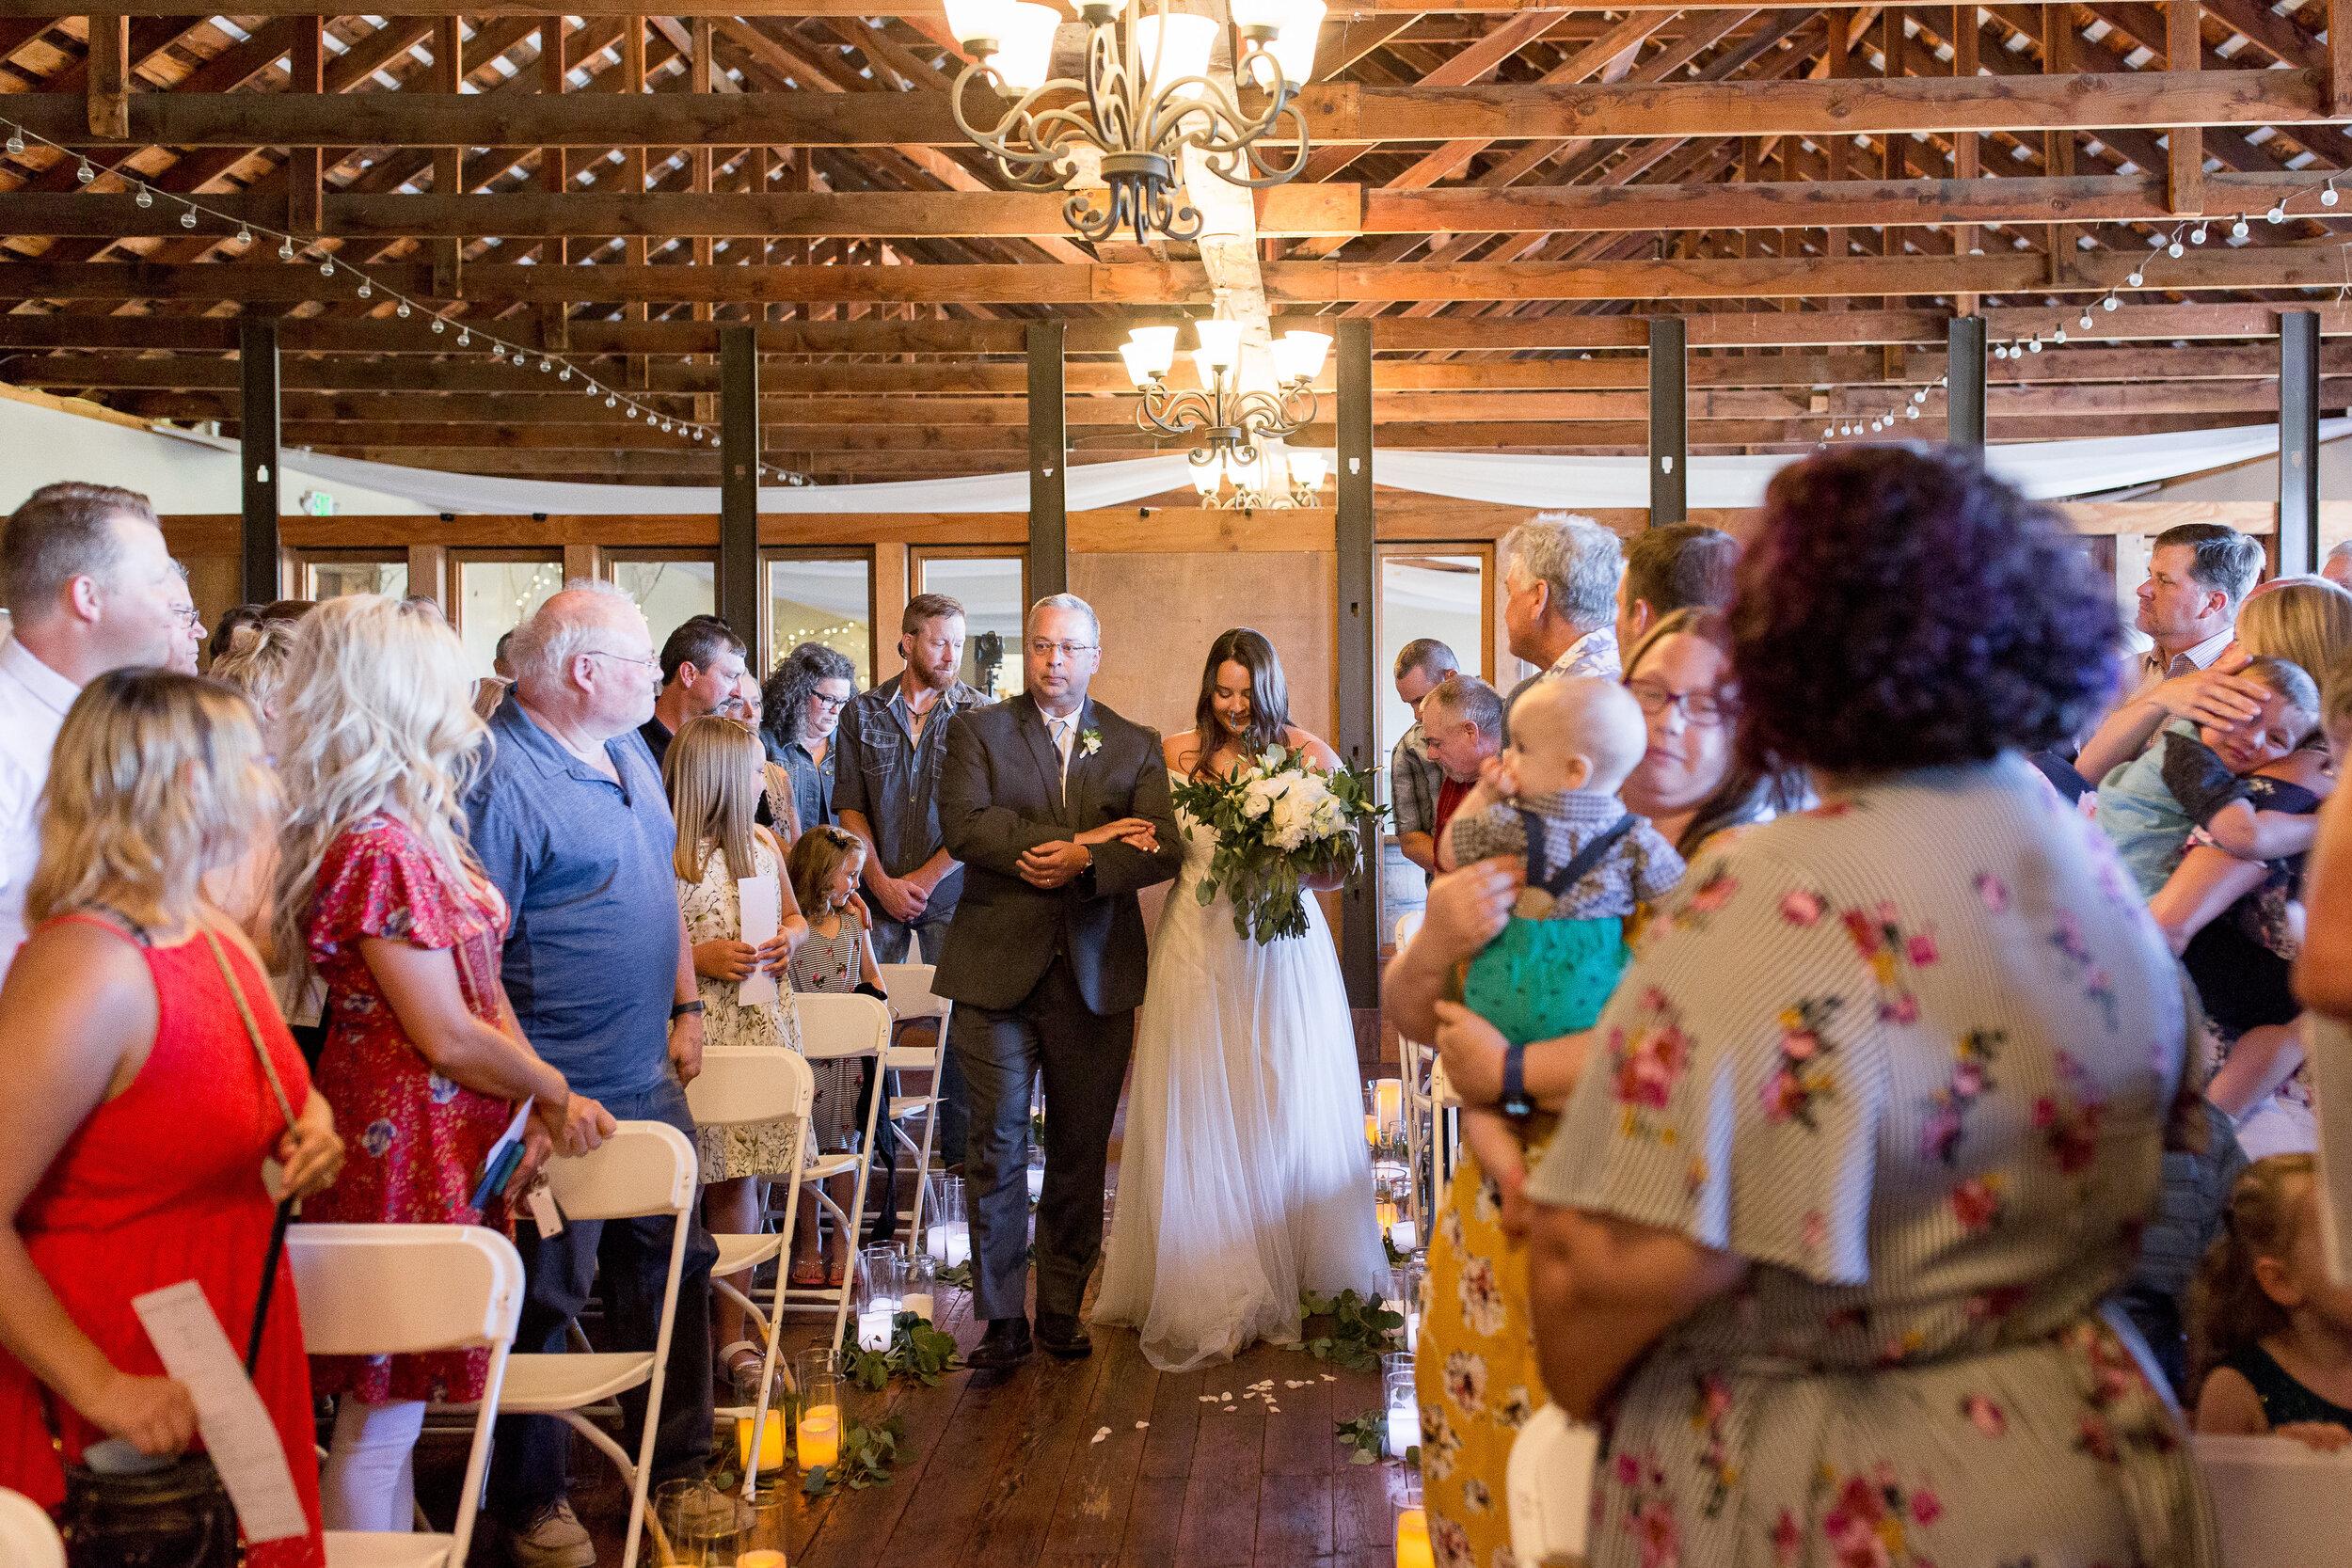 walking down the aisle spokane bride